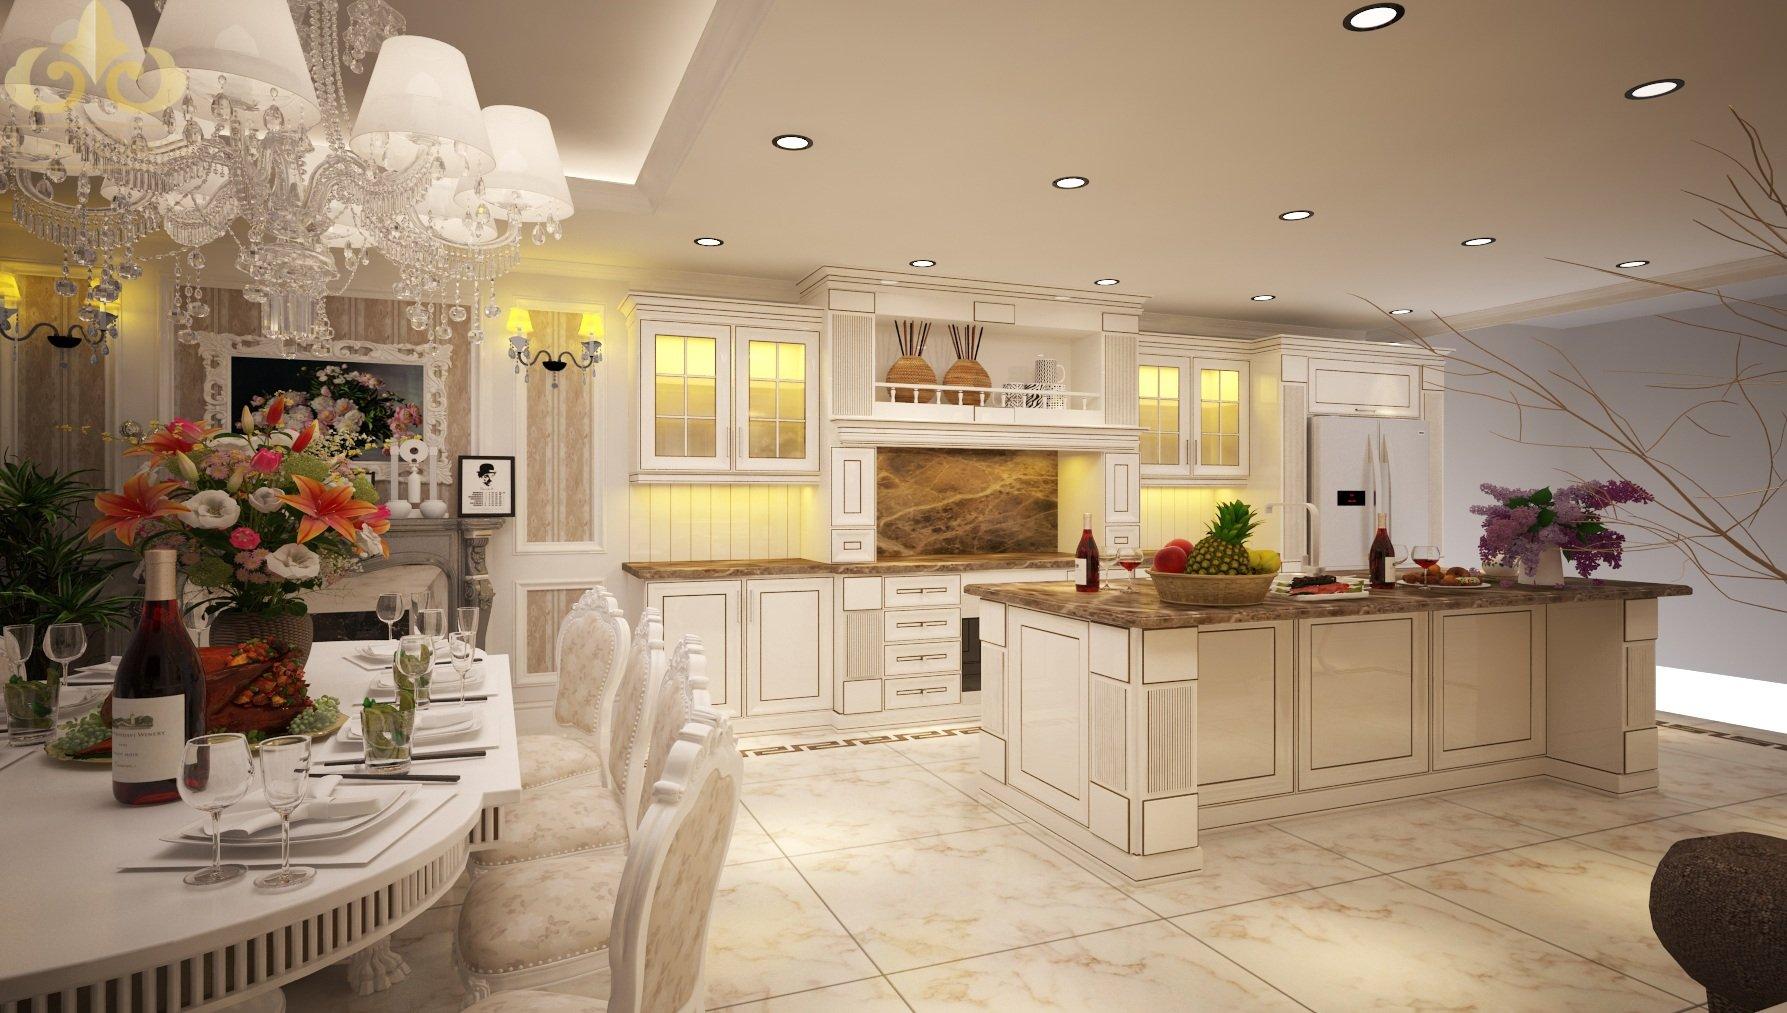 Tìm hiểu về thiết kế nội thất cao cấp theo phong cách Châu Âu